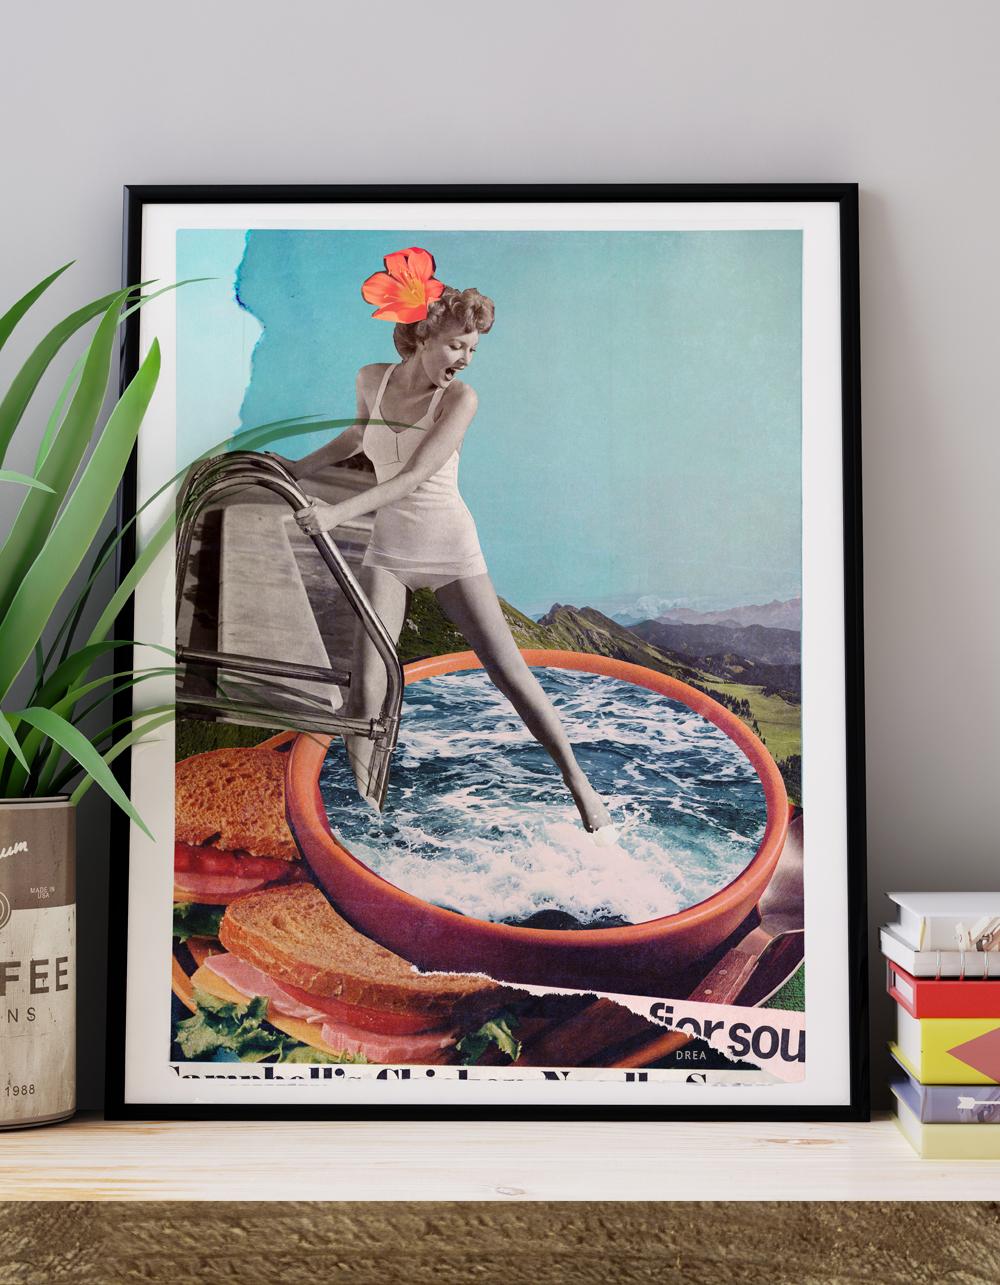 Affiche murale vintage rétro colorée de style collage montrant une femme se baignant intitulée: la baignade